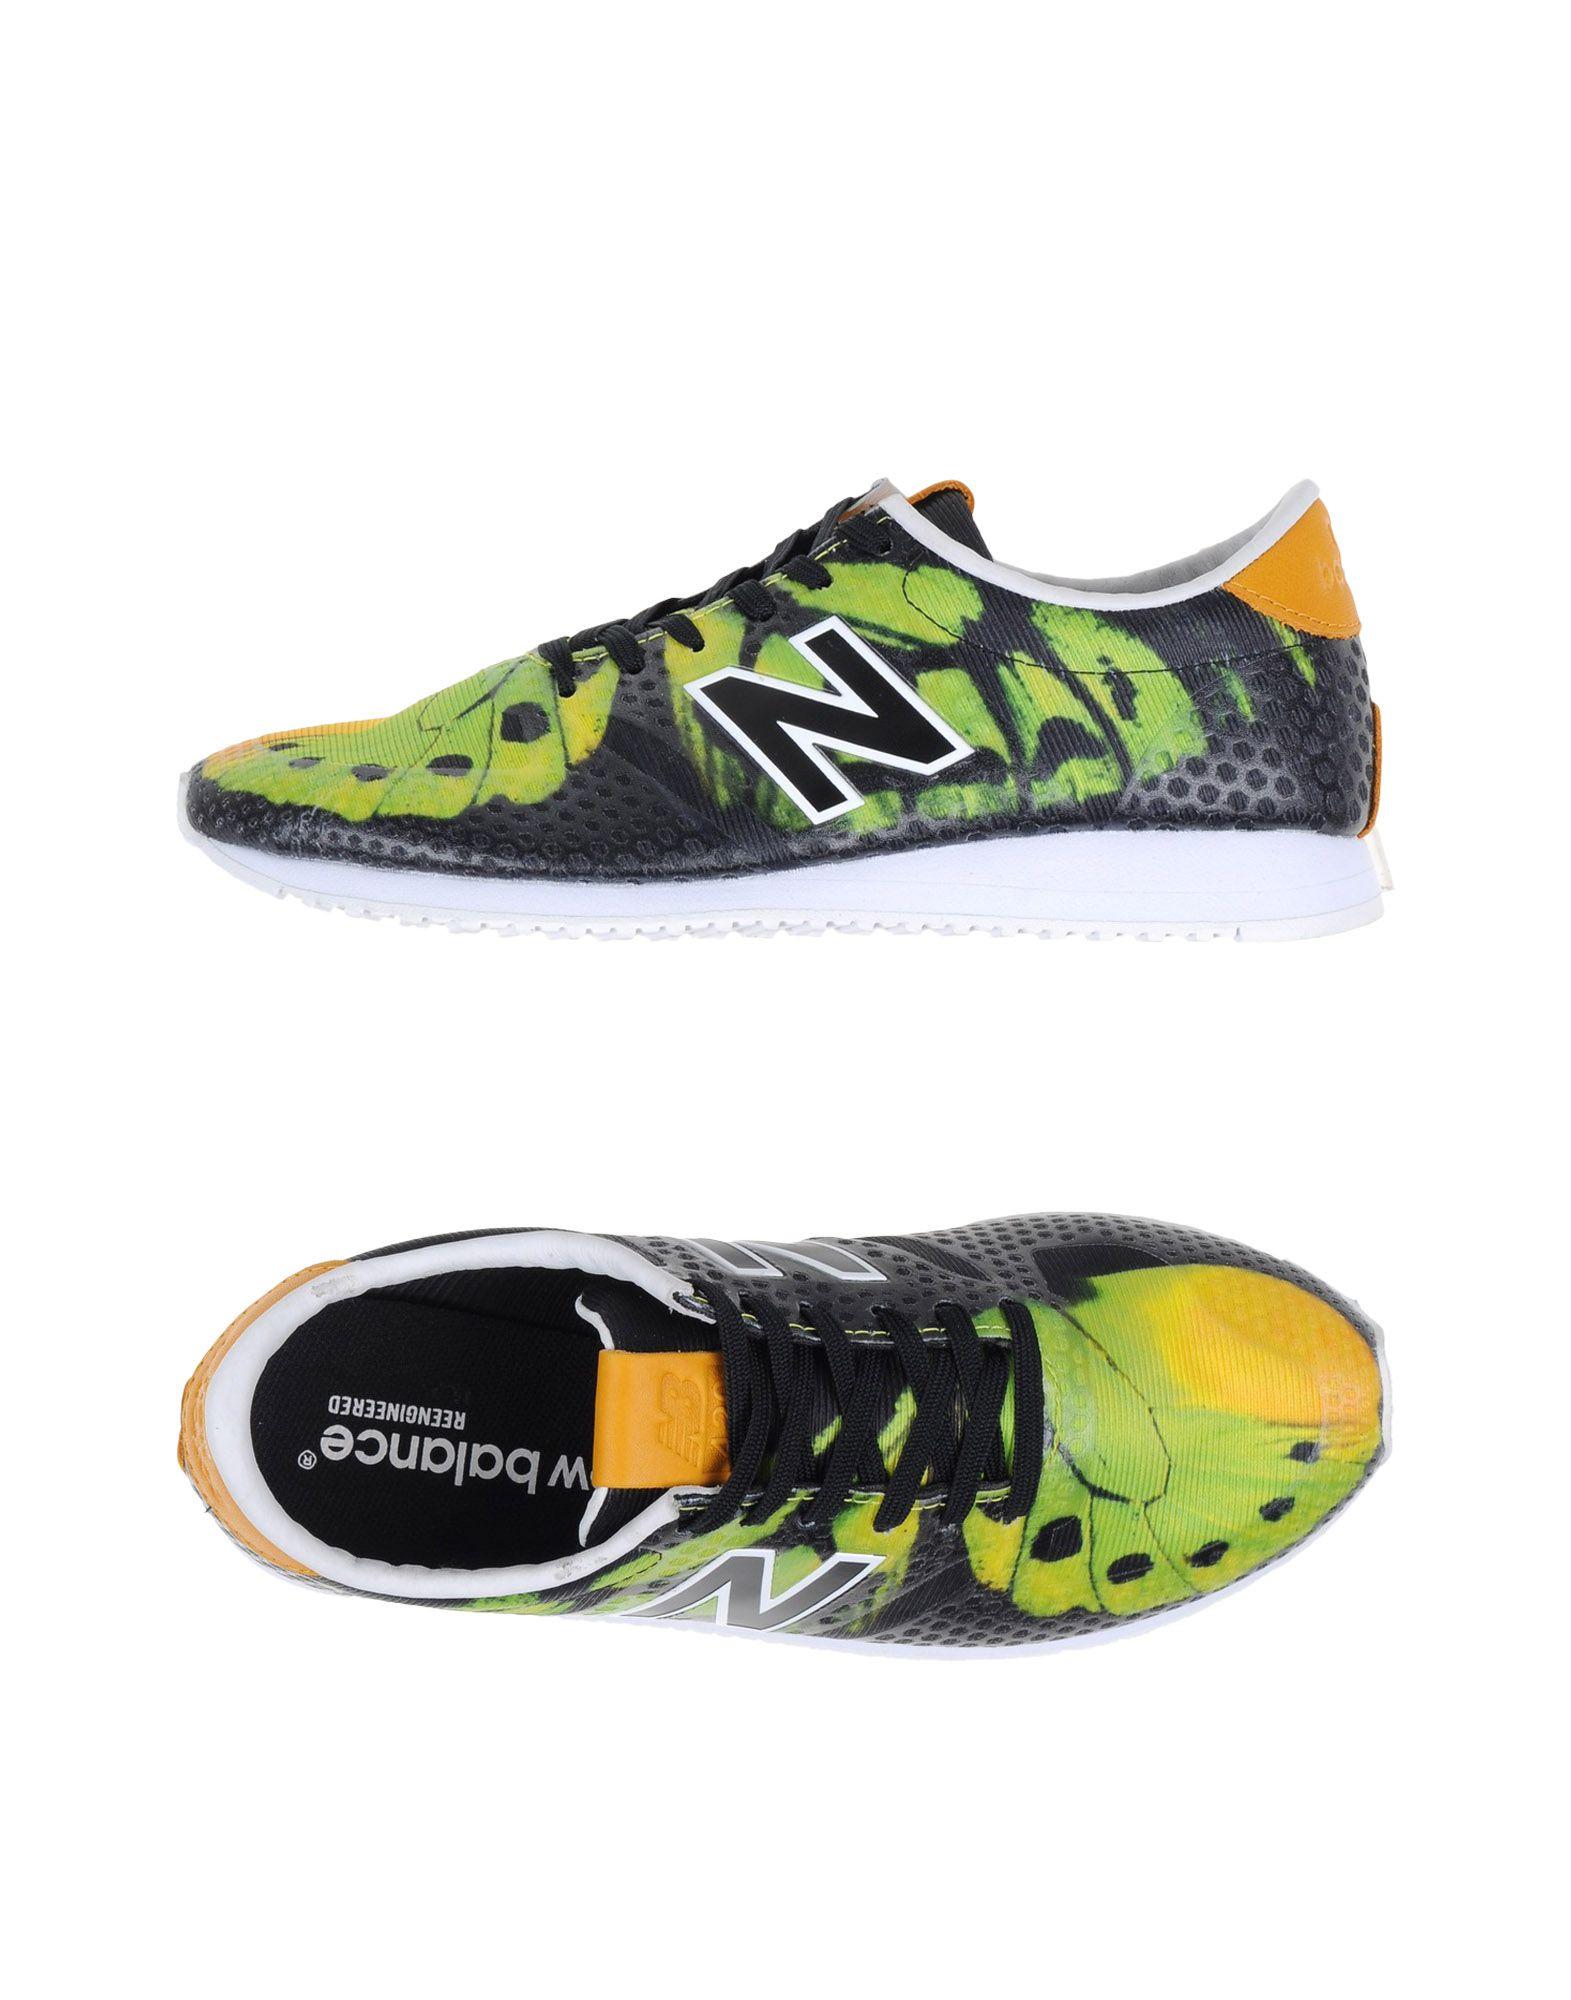 New Balance 420 Qualität Butterfly  44993168HD Gute Qualität 420 beliebte Schuhe ab4188